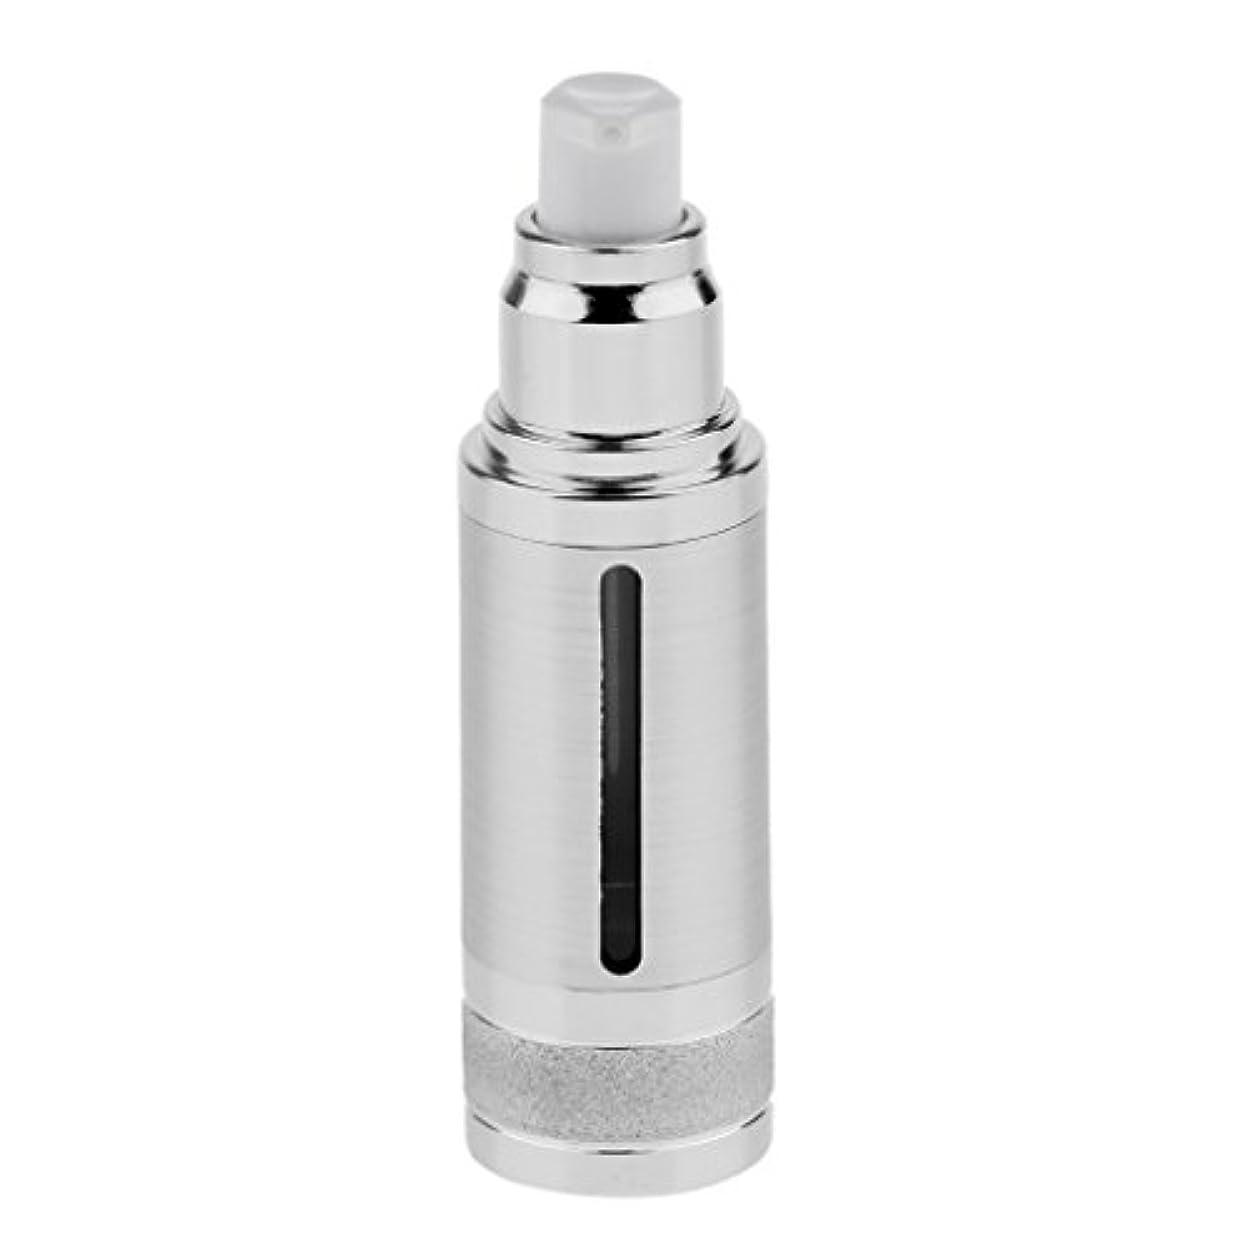 スキップサバントカートリッジPerfk ポンプボトル 空ボトル エアレスボトル 30ml 化粧品 コスメ 香水 オイル 詰替え 容器 DIY 2色選べる - 銀